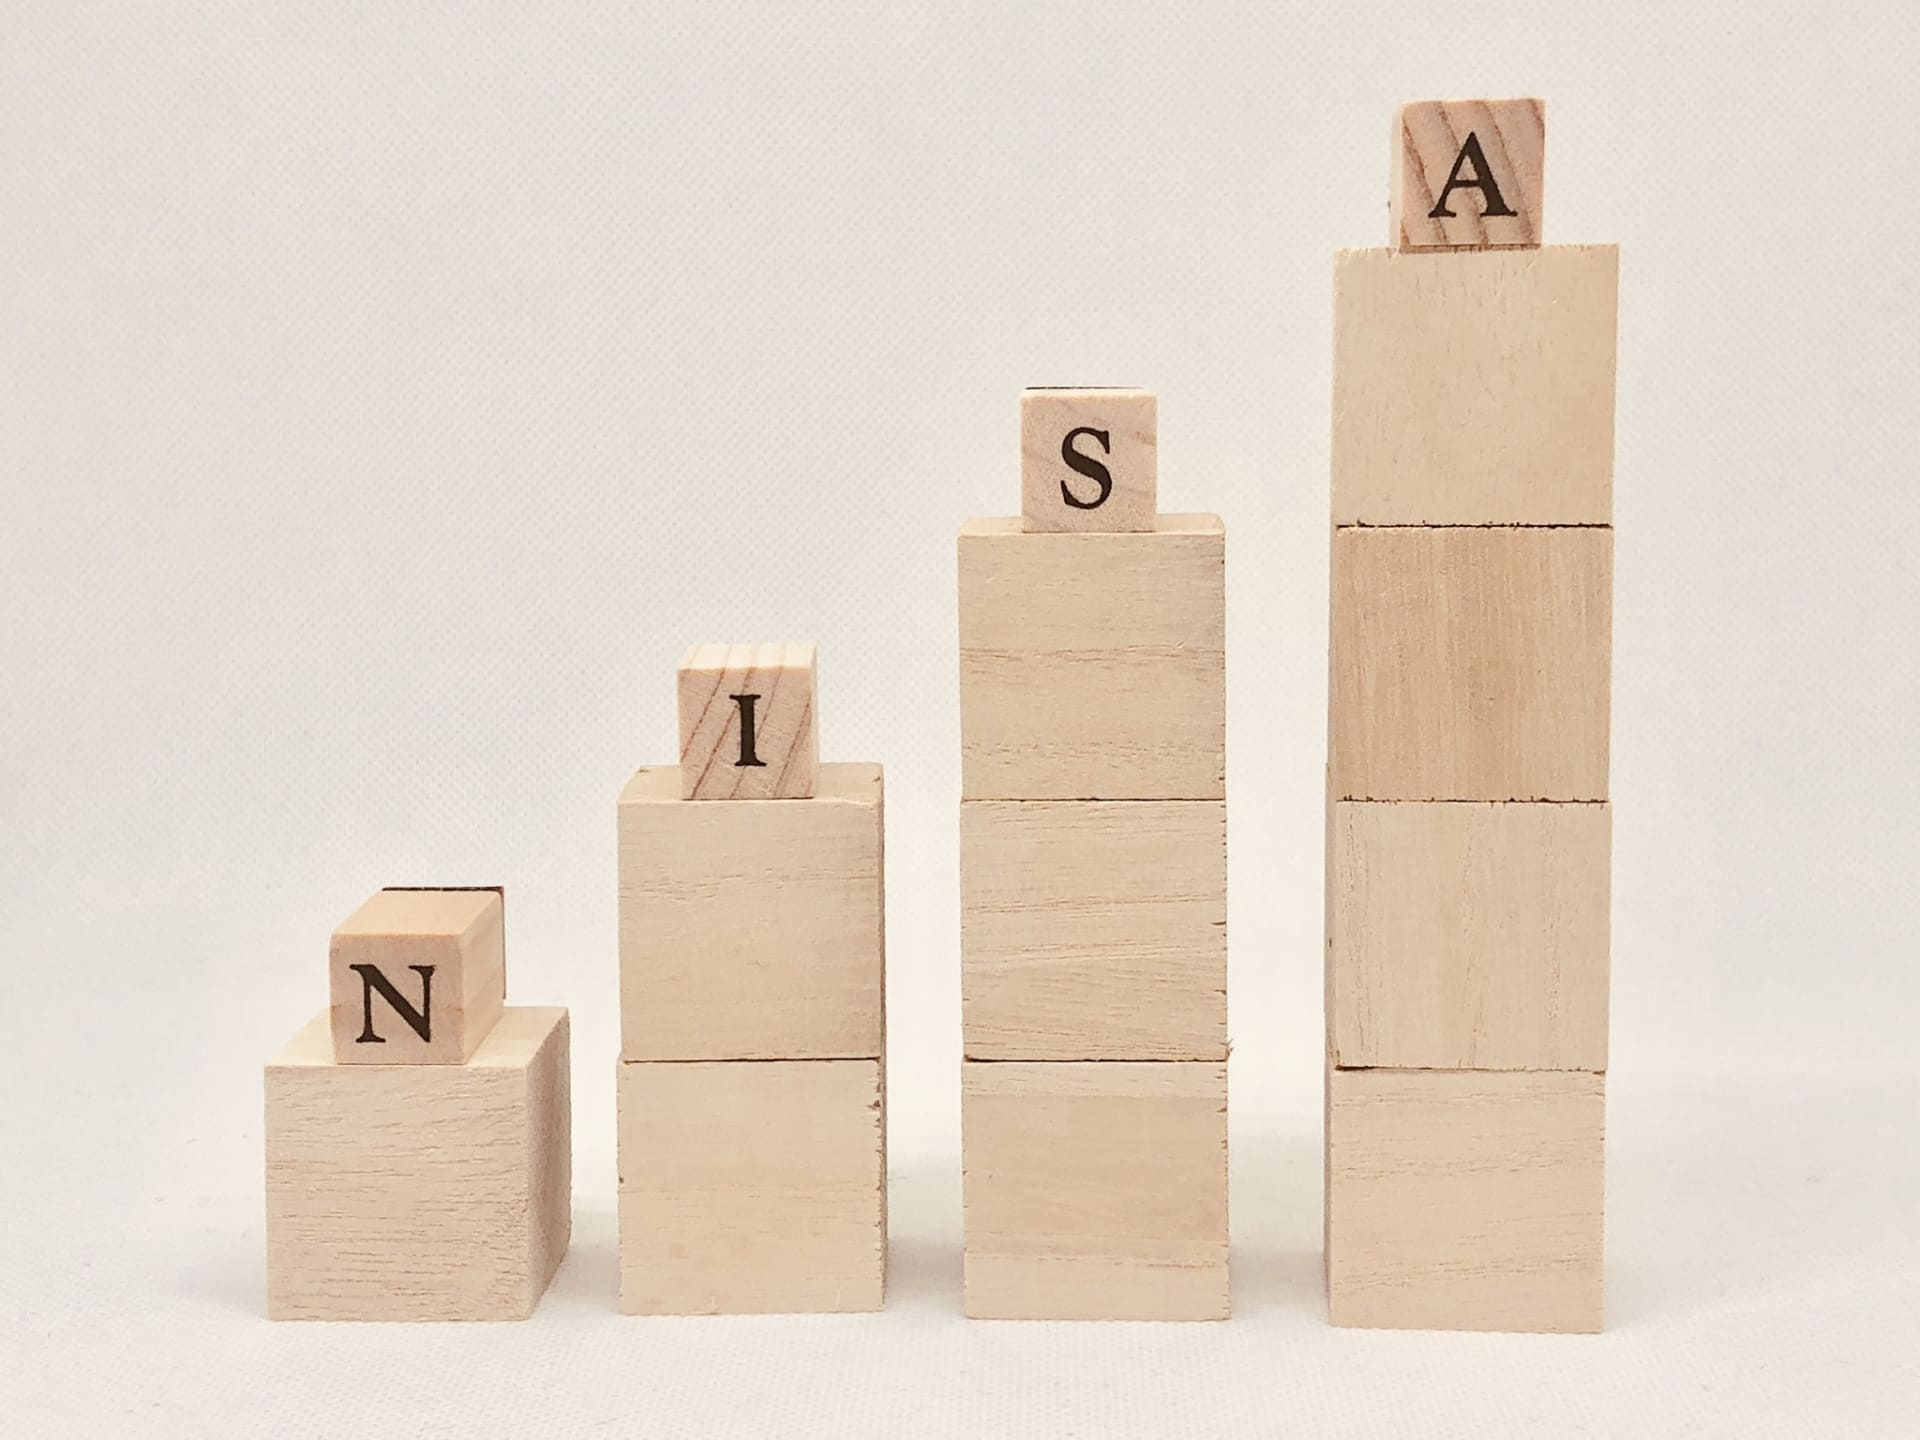 投資する前に知っておこう! つみたてNISAで注意しておくべき8のデメリット